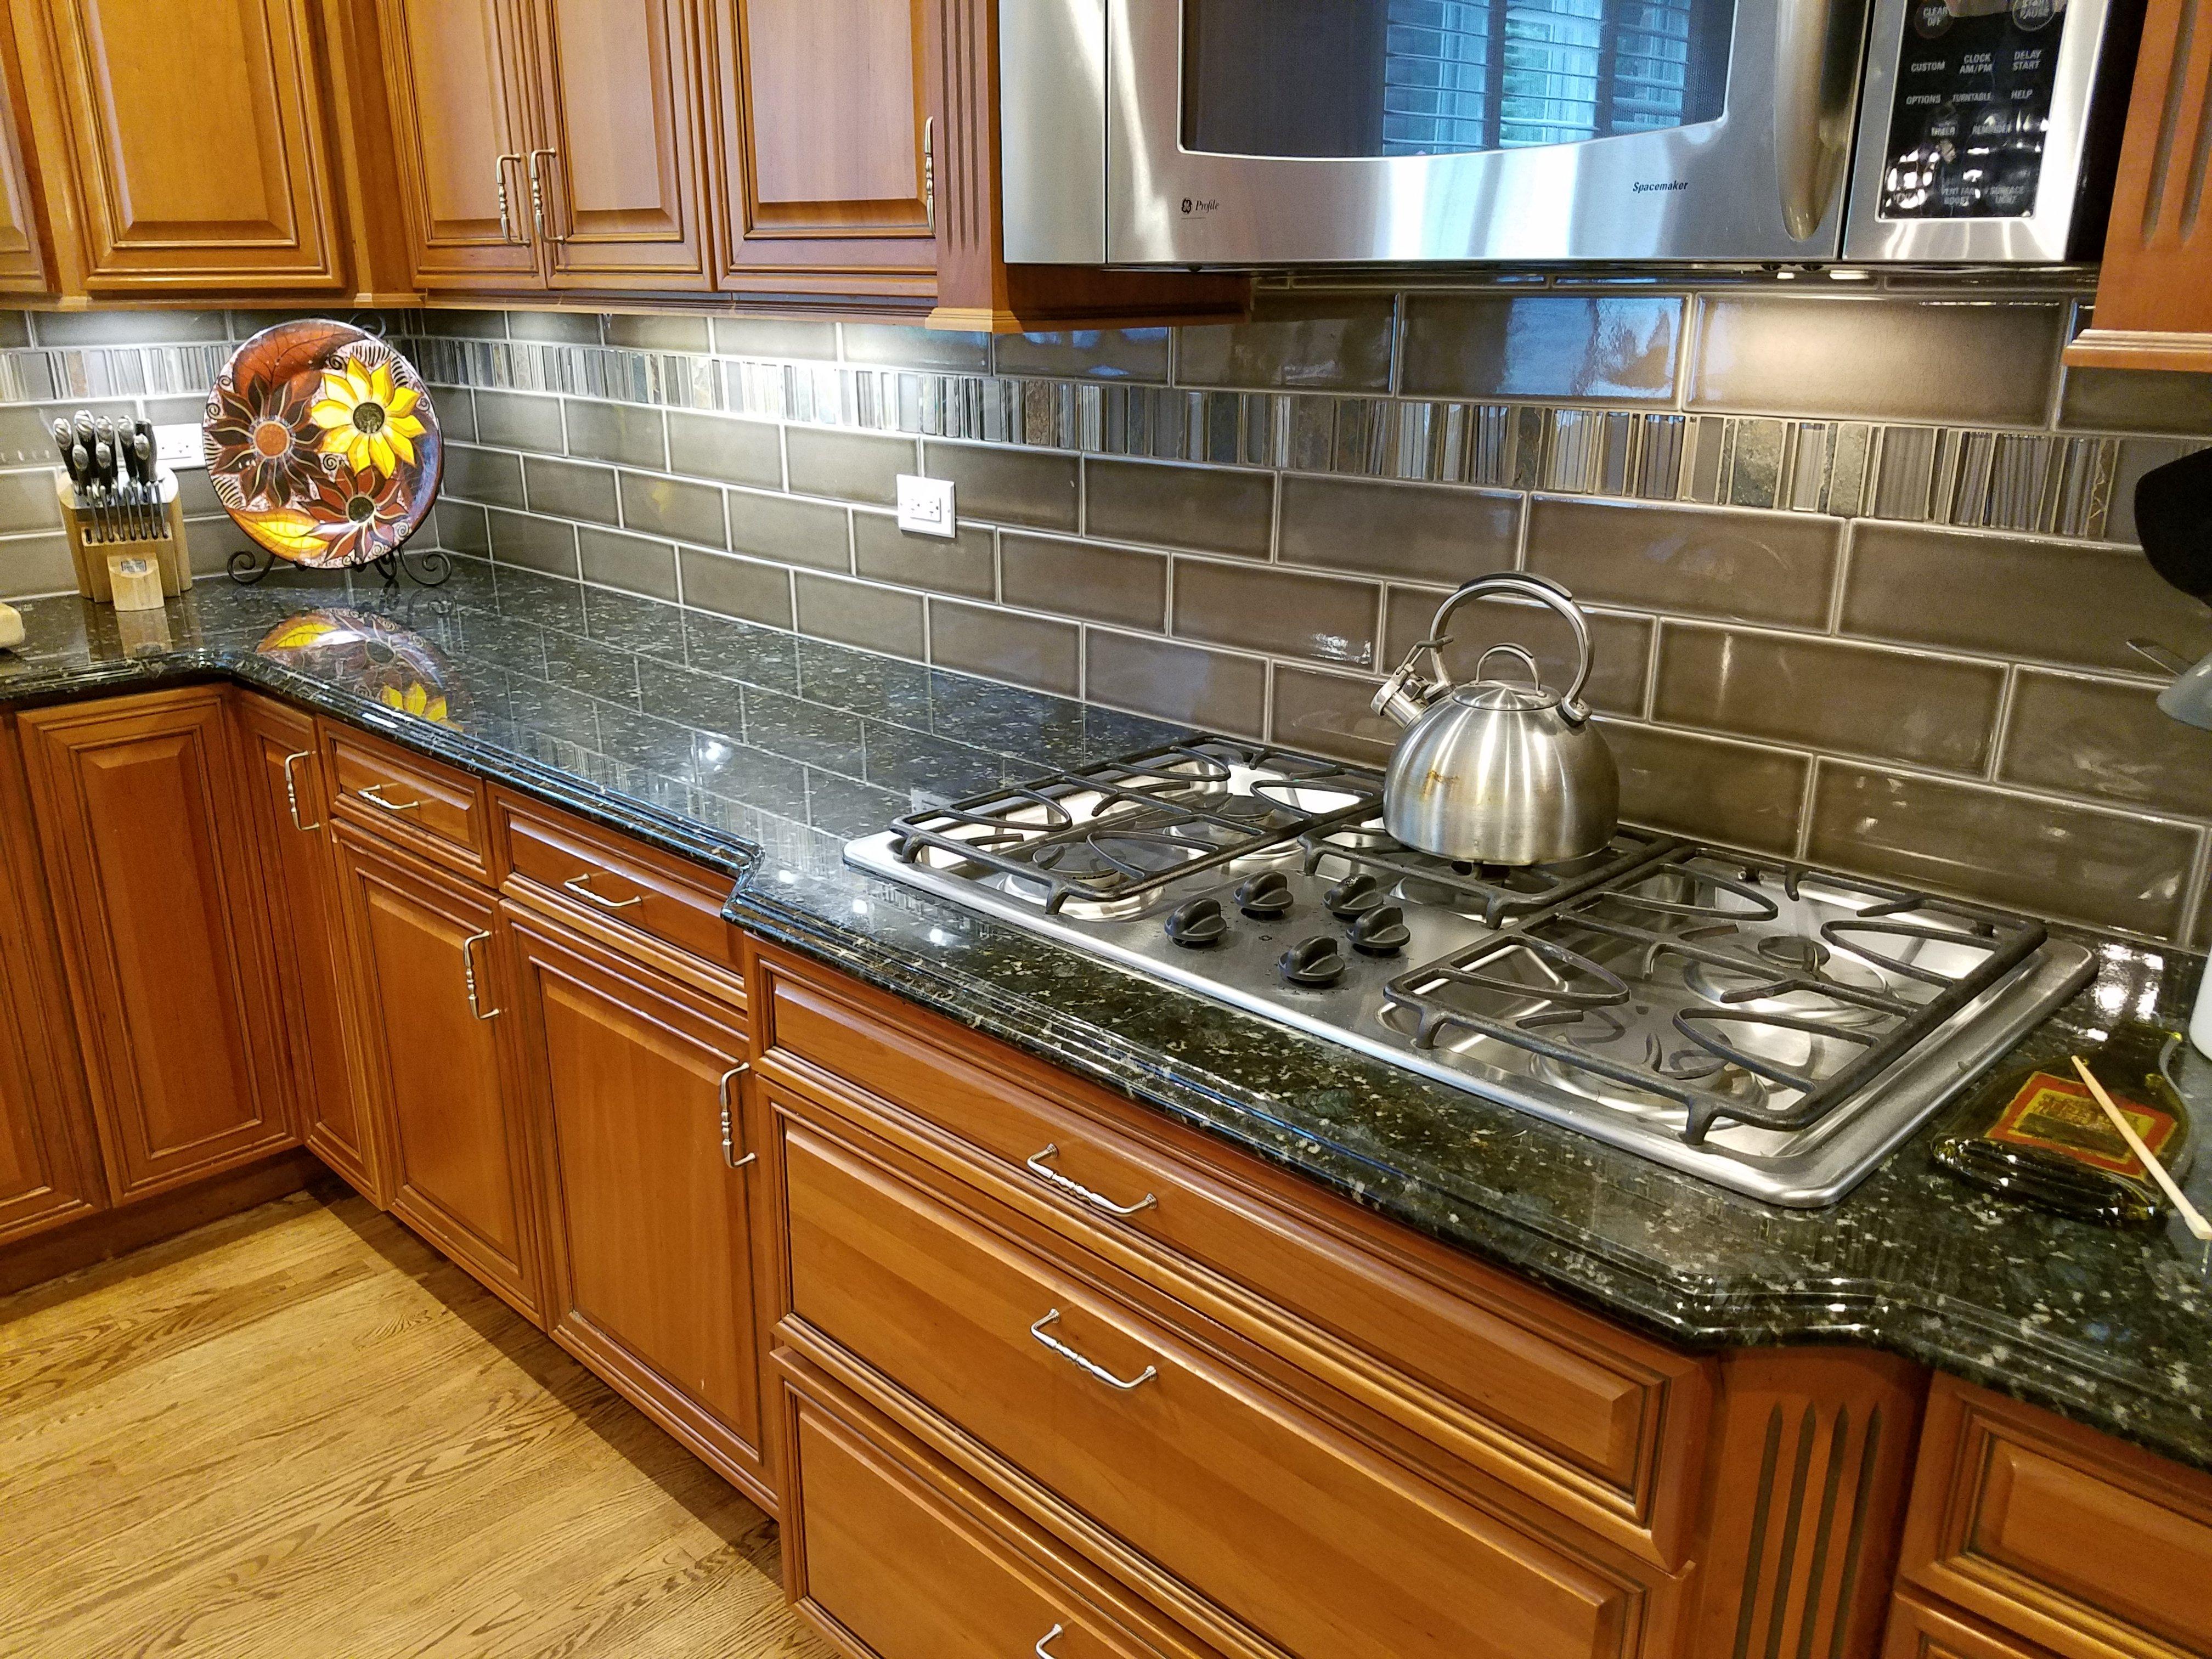 Kitchen Remodeling and Design, taupe glass backsplash, glass backsplash accent tile, gas cooktop,